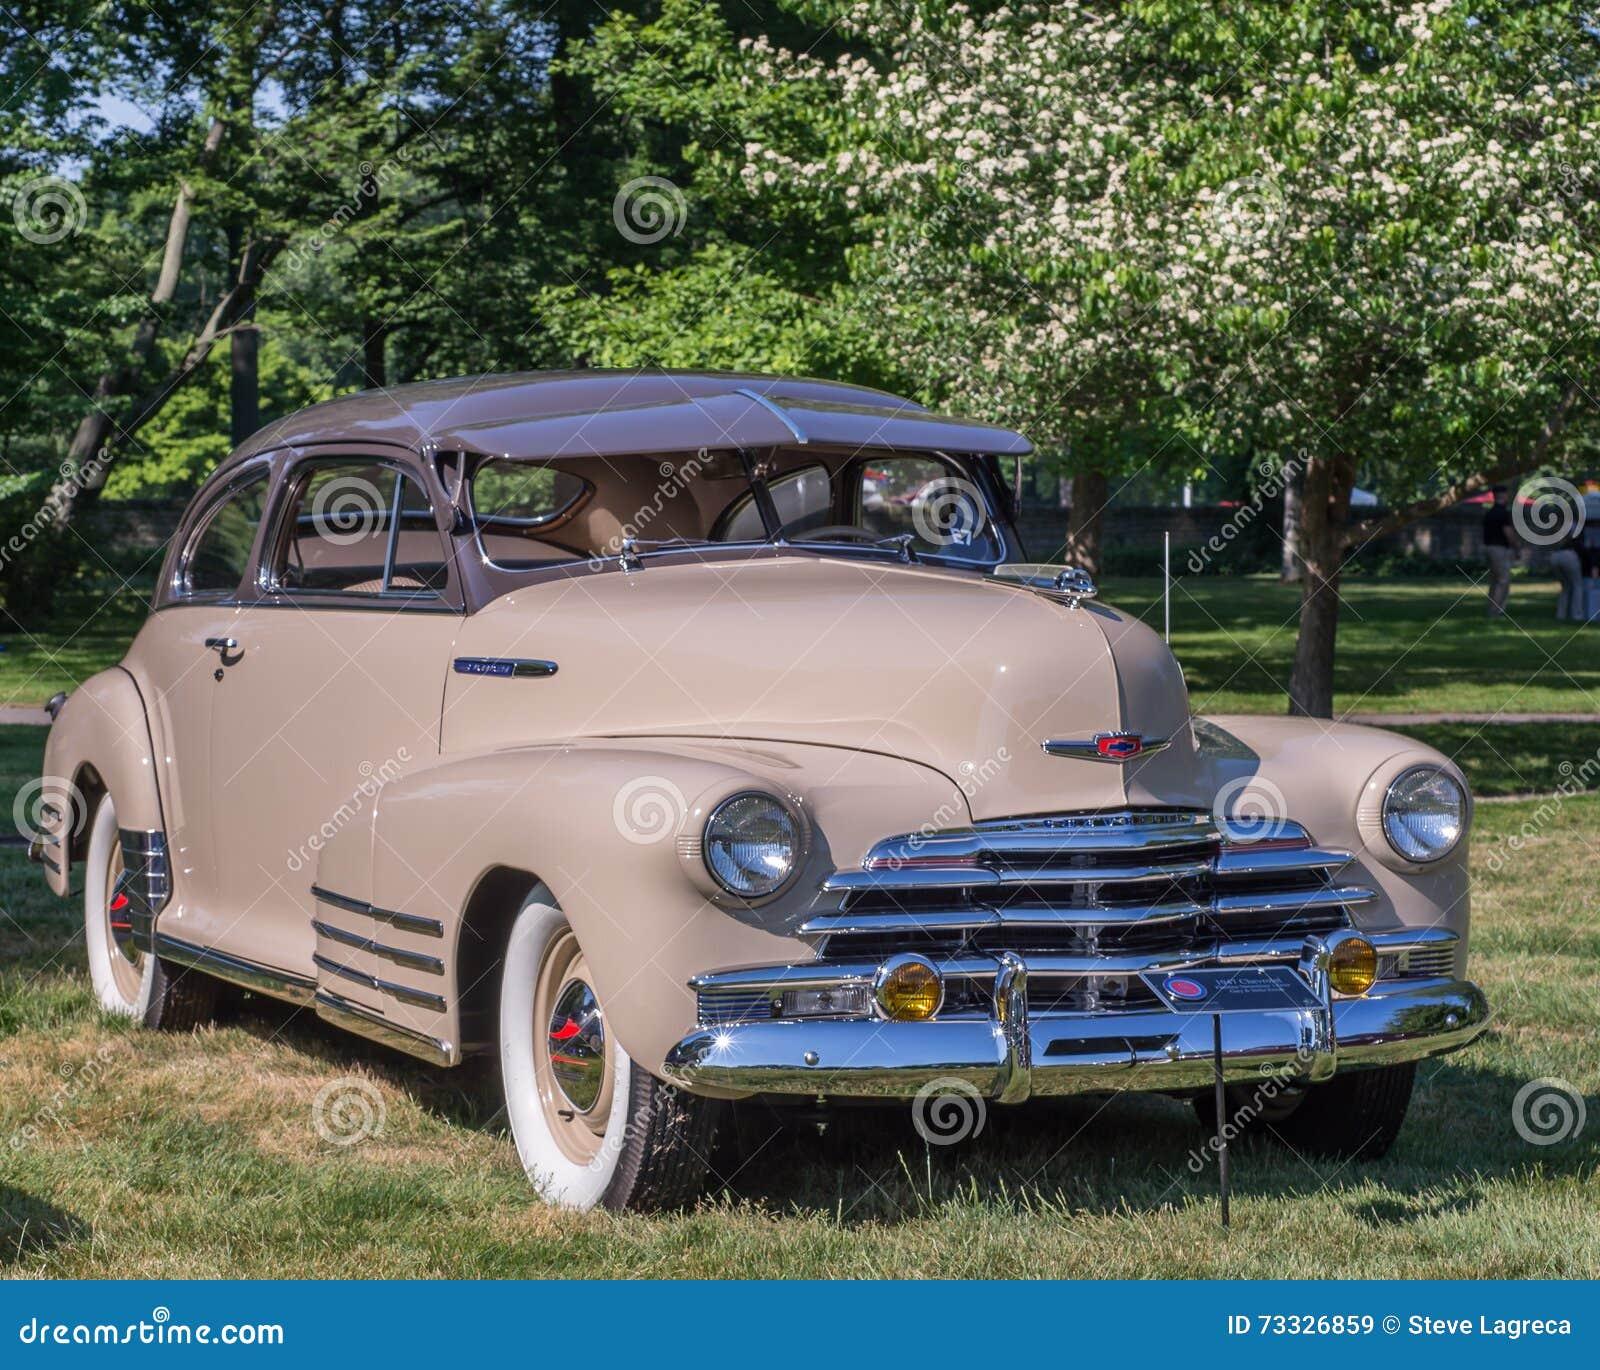 Chevrolet 1947 Fleetline Redaktionelles Stockbild Bild Von Schnitt 73326859